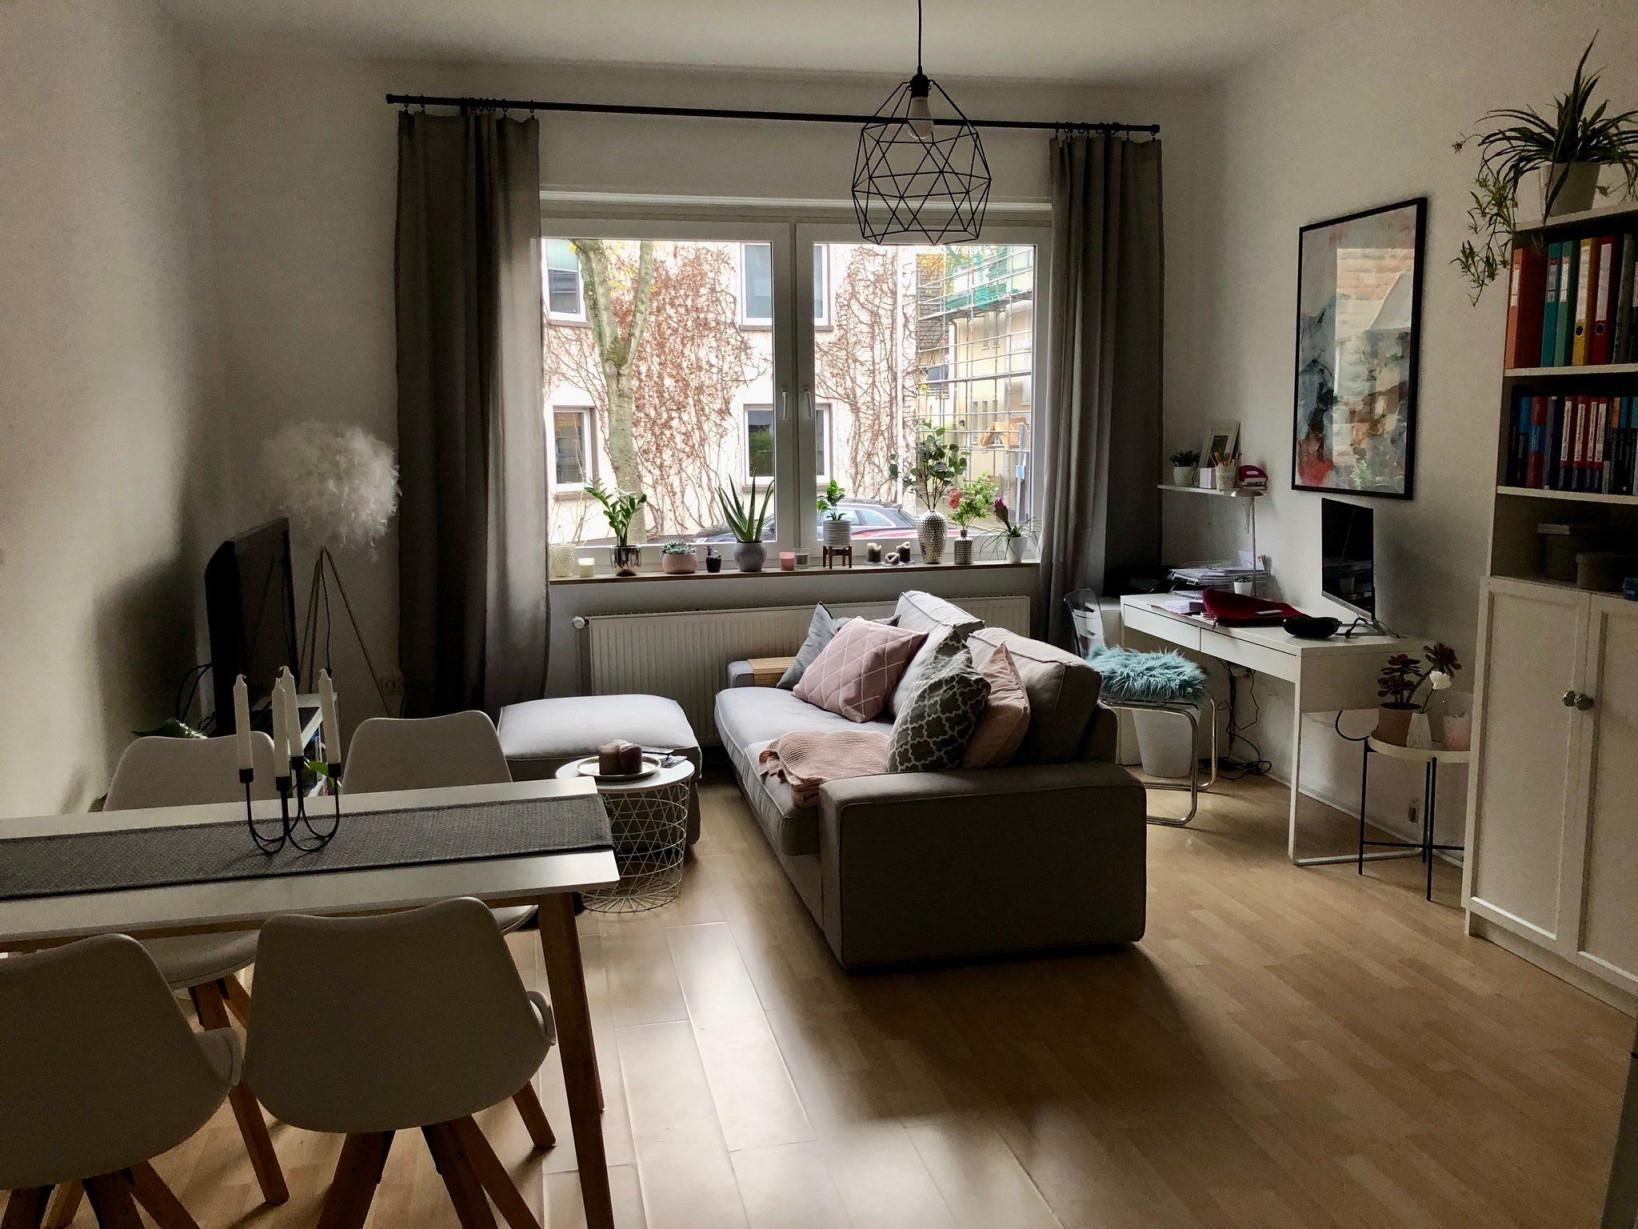 Schönes Wohn Und Esszimmer  Wohnung Innenarchitektur von Kleines Wohnzimmer Einrichten Mit Esstisch Photo